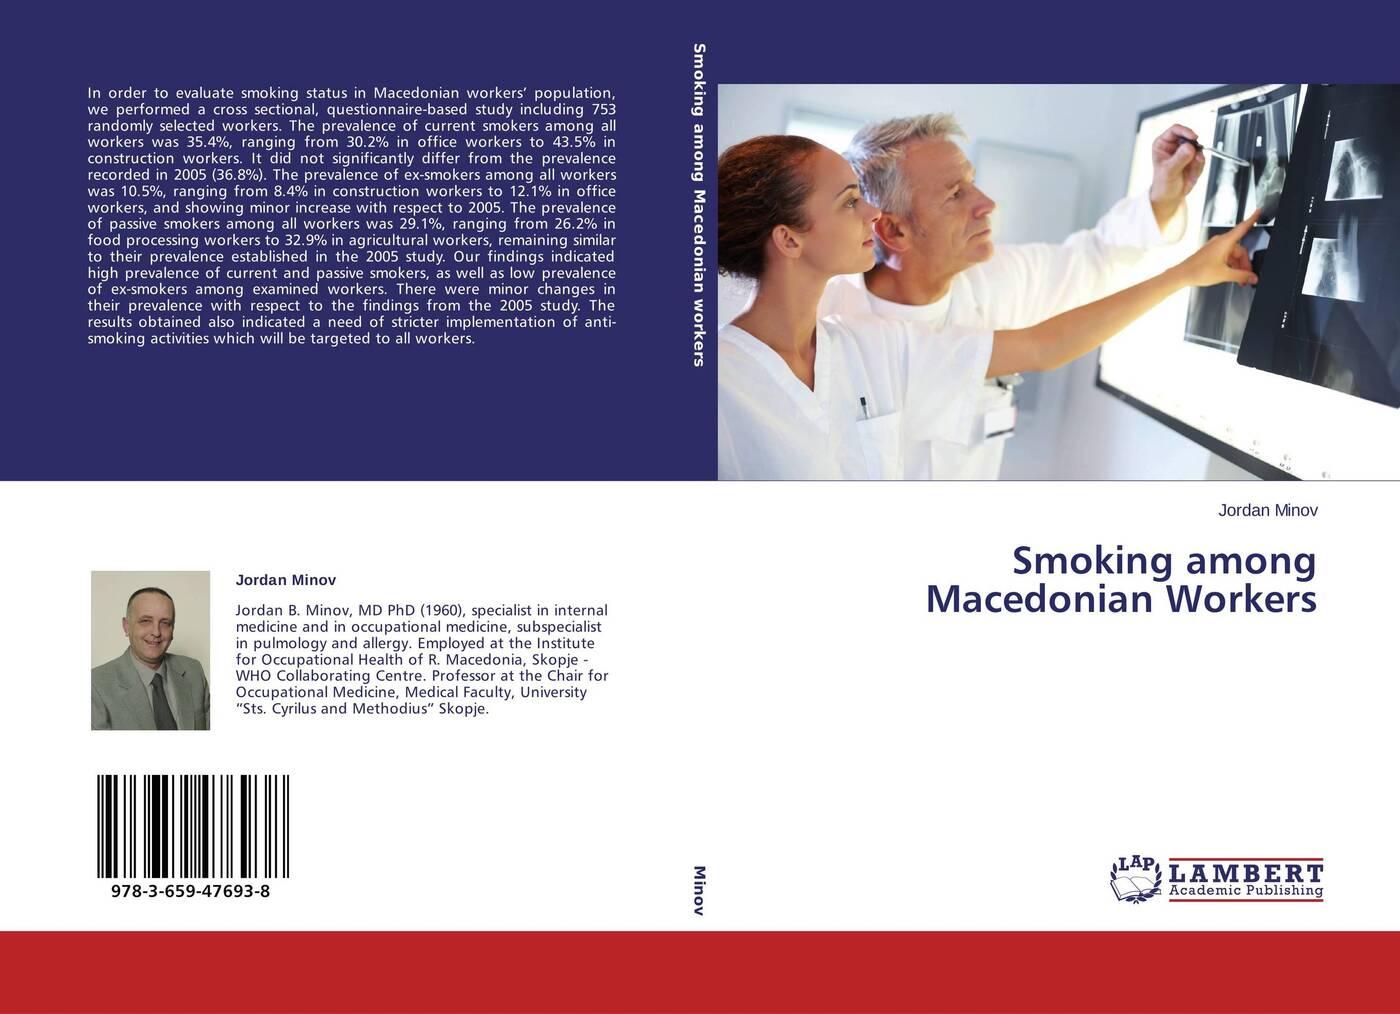 купить Jordan Minov Smoking among Macedonian Workers по цене 2929 рублей